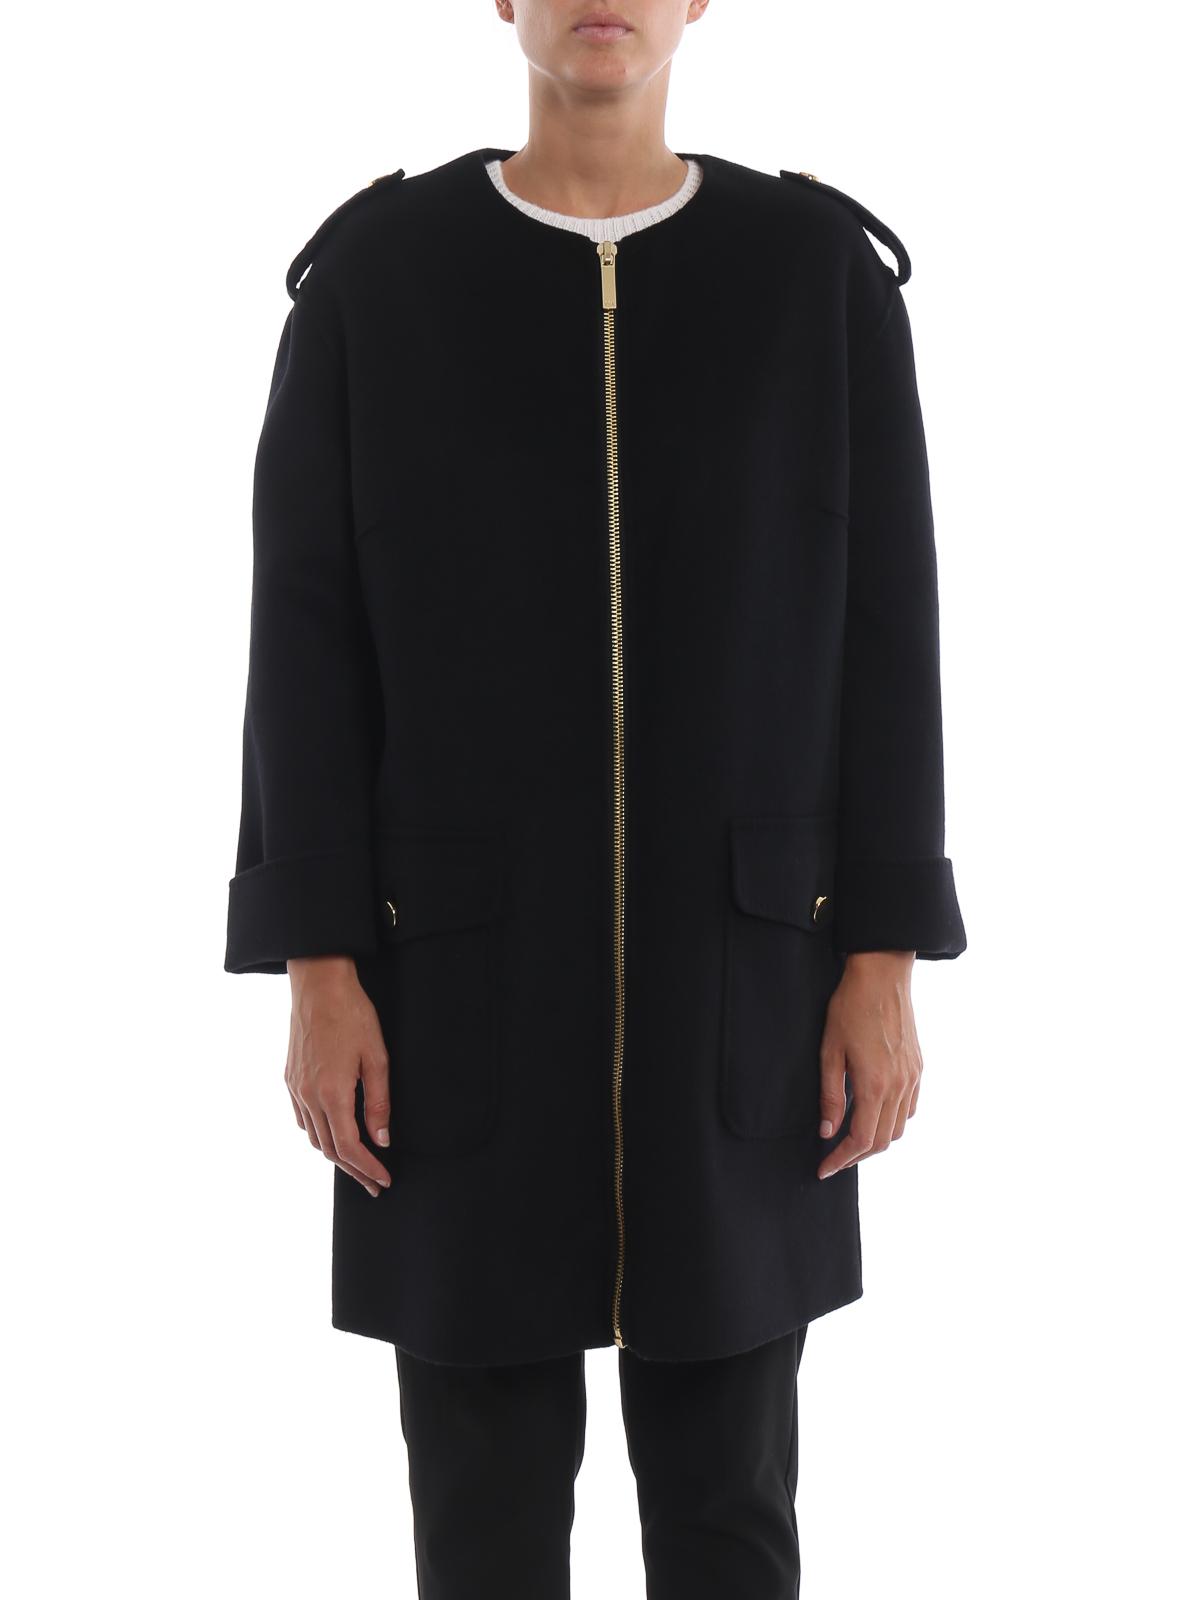 purchase cheap 9f00a dff43 Michael Kors - Cappotto senza collo nero con zip dorata ...